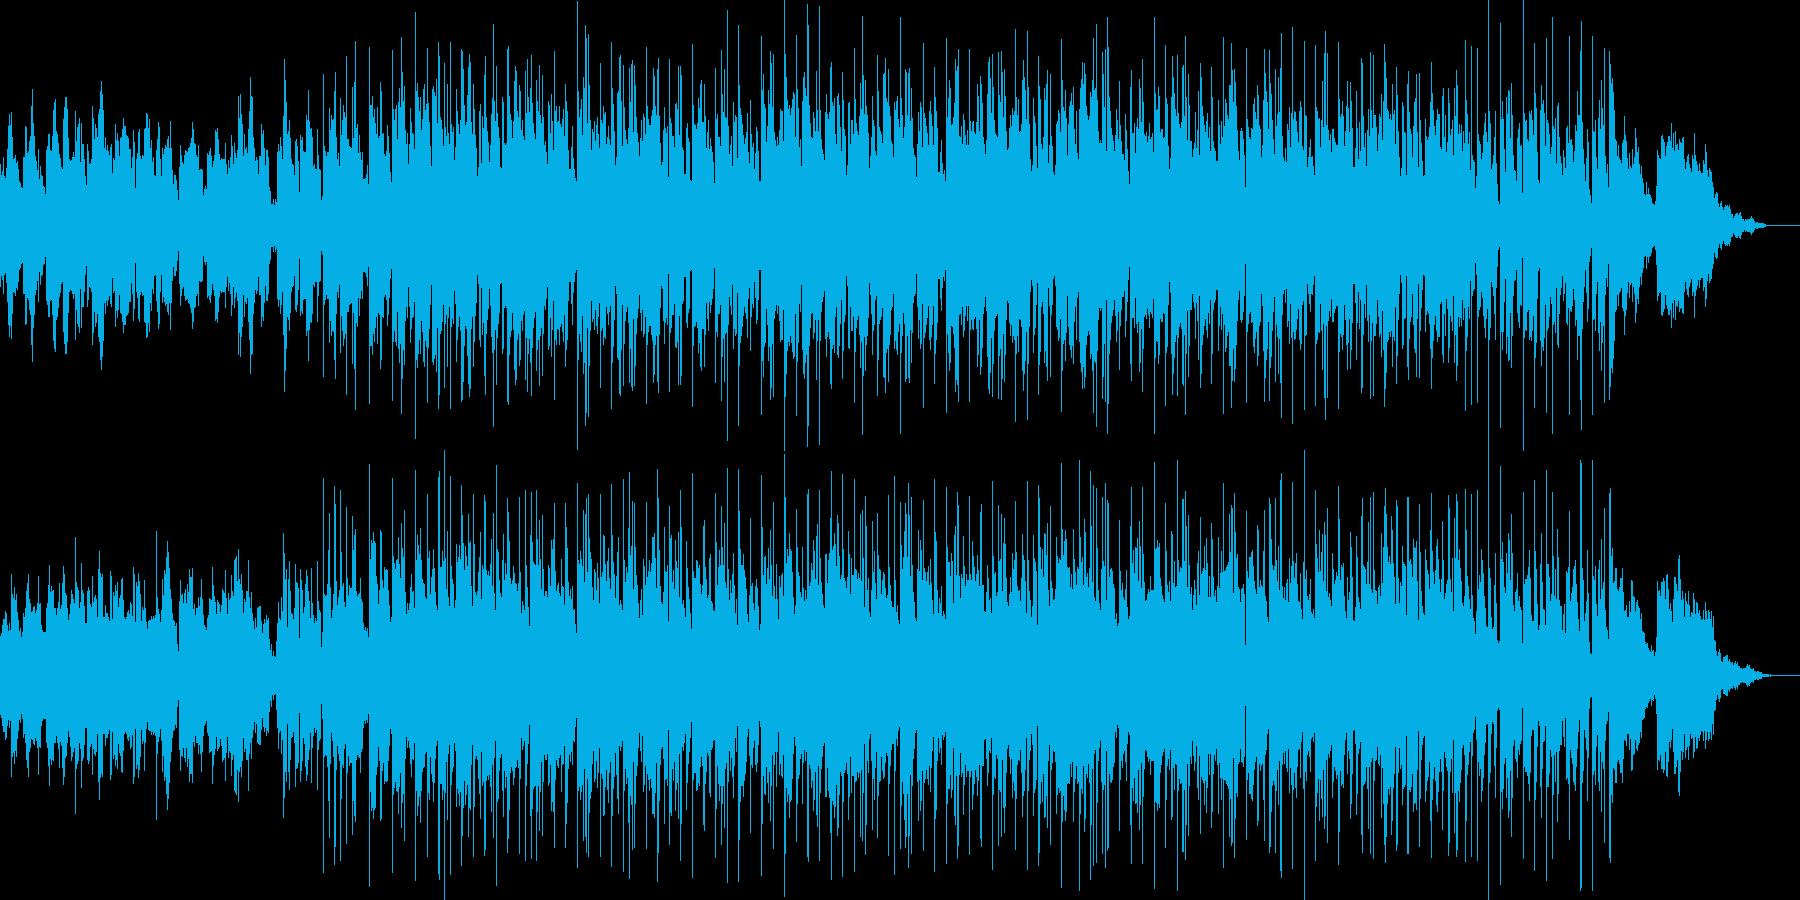 ジャズ風 MIX、アレンジ パターン2の再生済みの波形